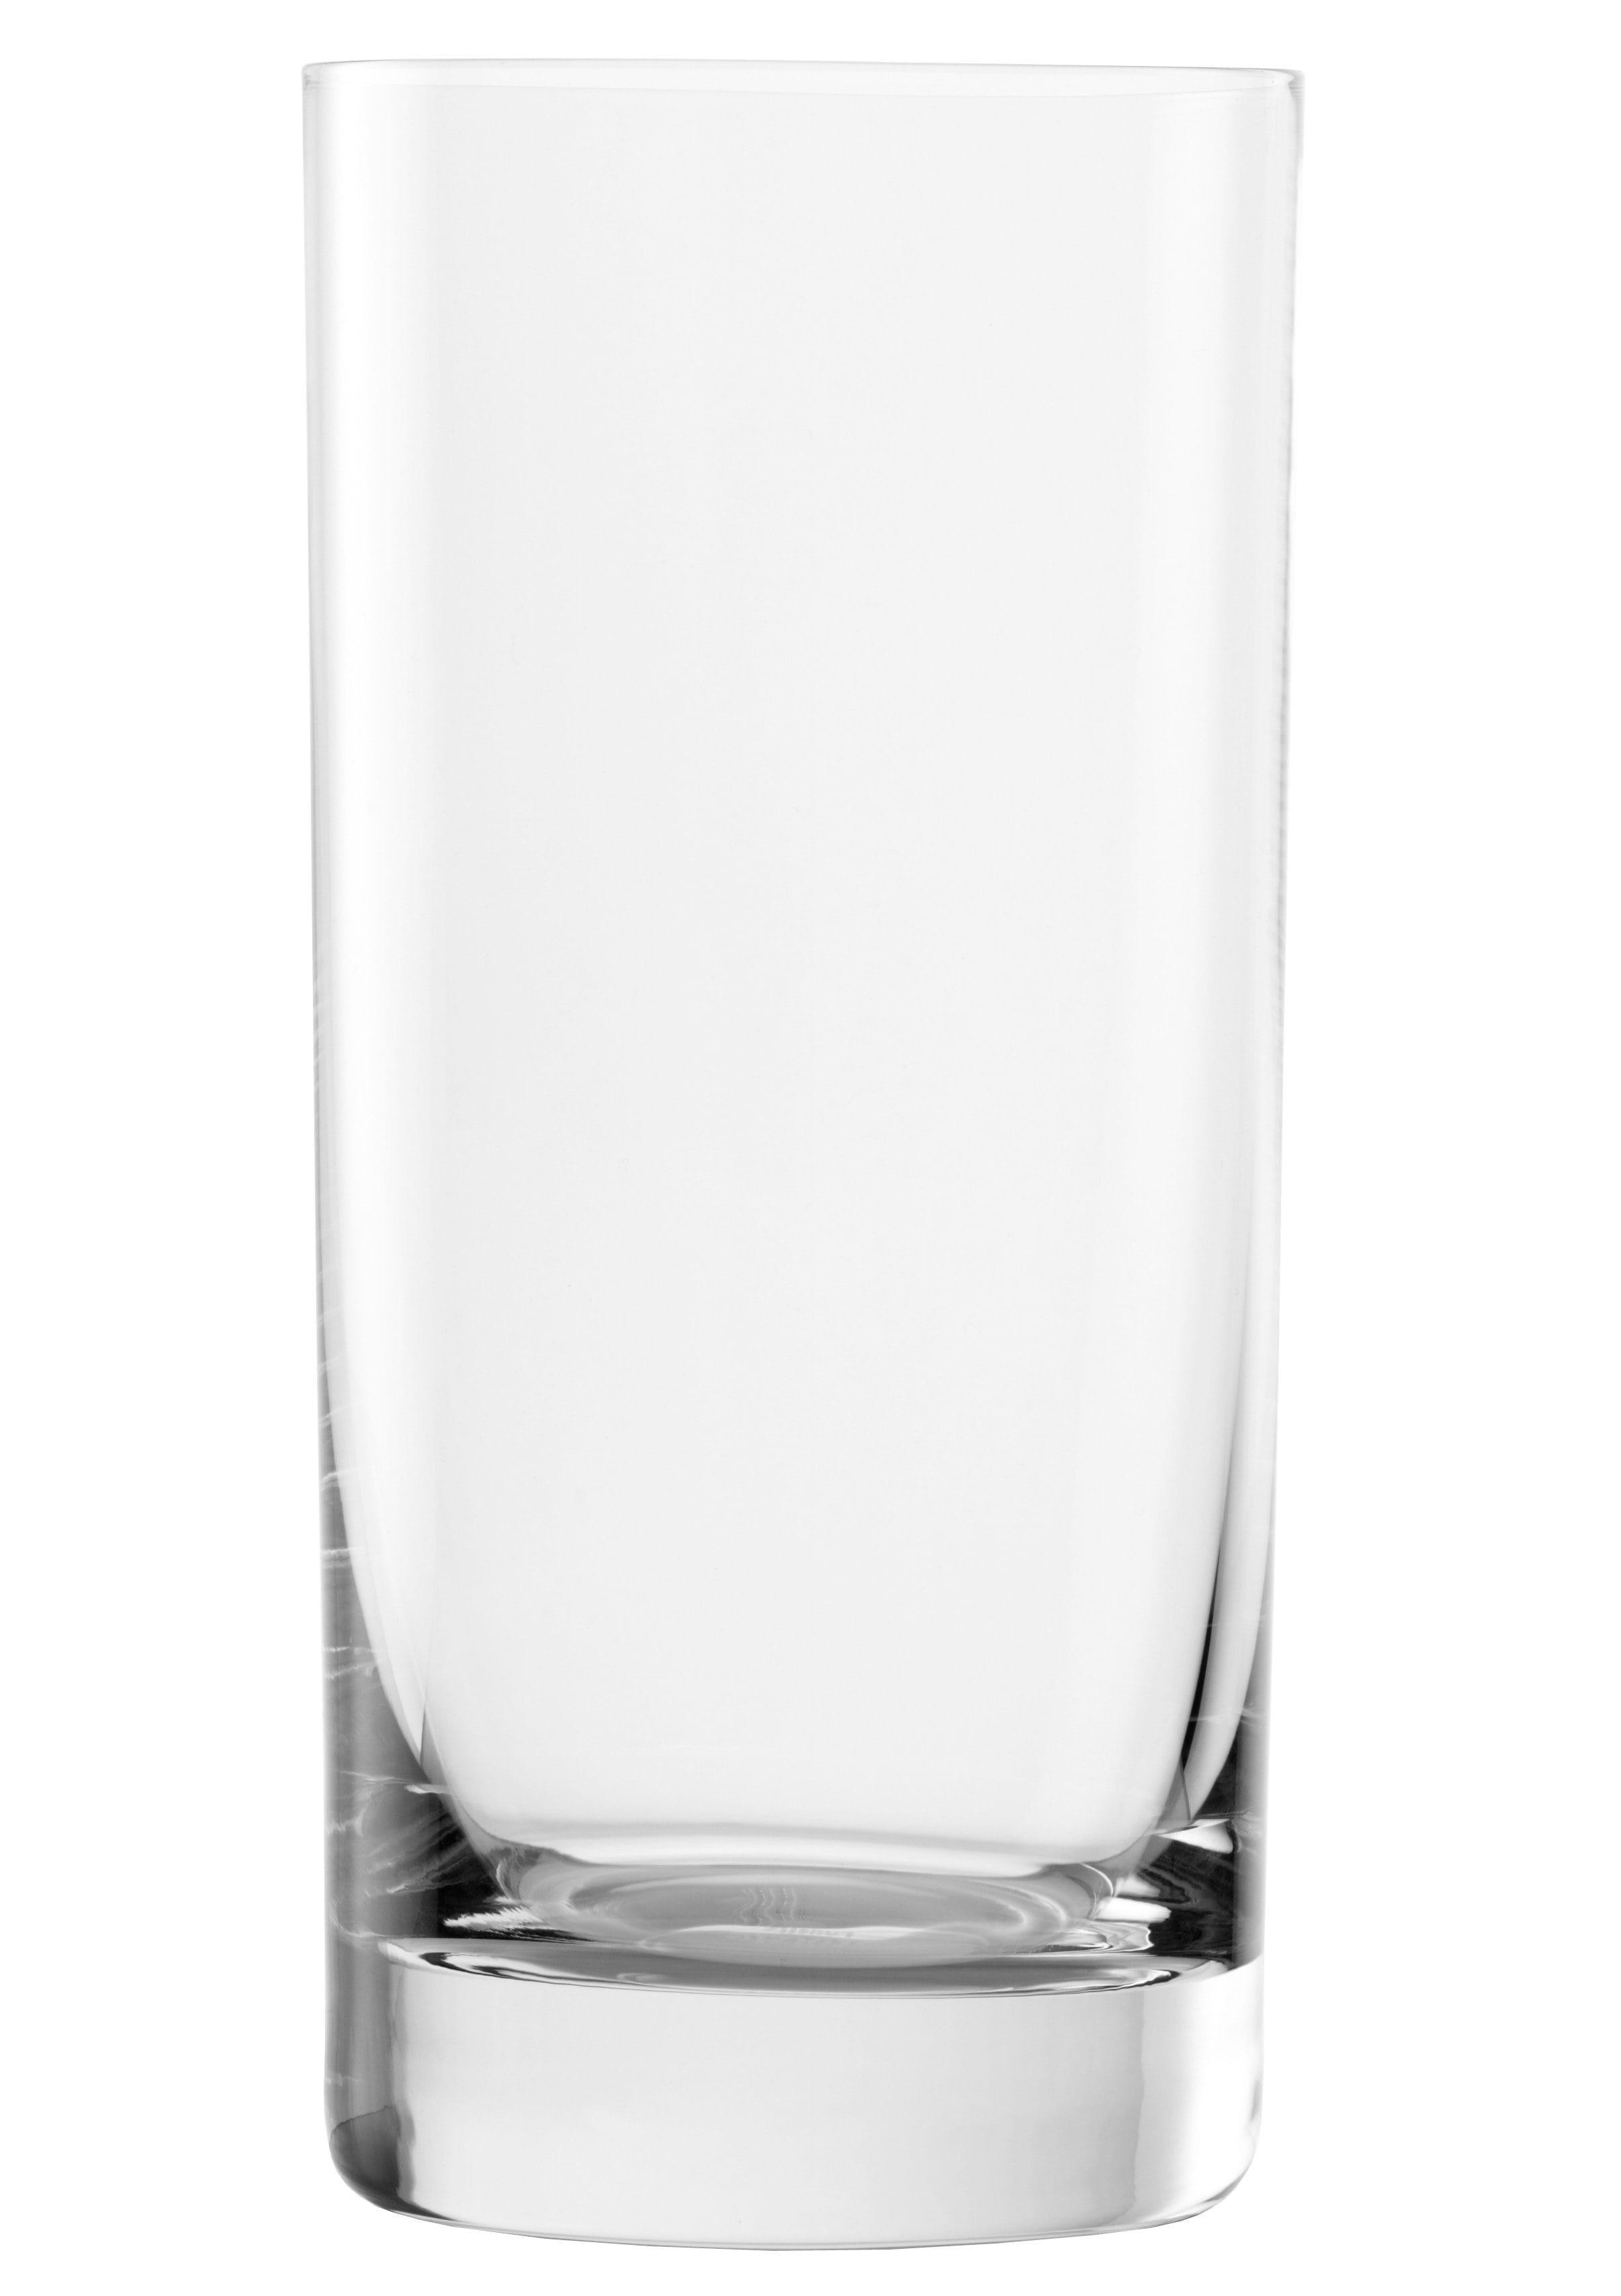 """Stölzle Bierglas """"New York Bar"""" (6-tlg) Wohnen/Haushalt/Haushaltswaren/Gläser & Glaswaren/Biergläser & Bierkrüge"""